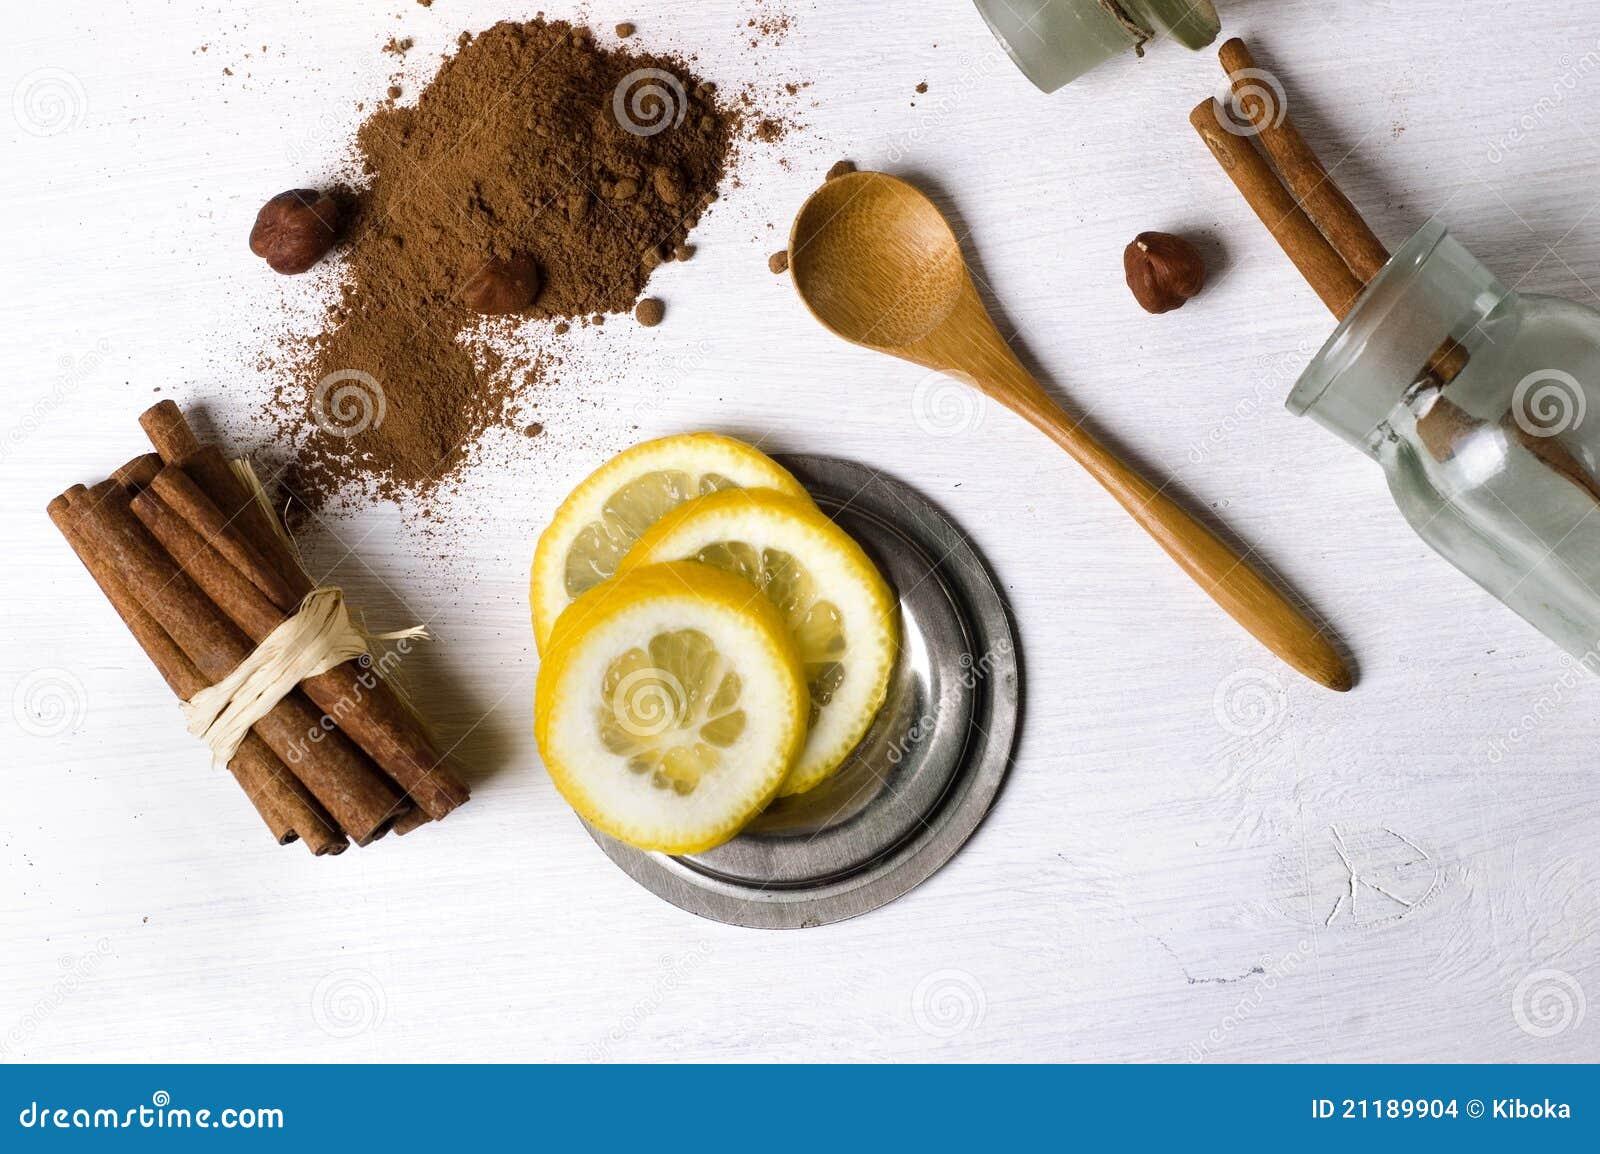 Bakery ingredient